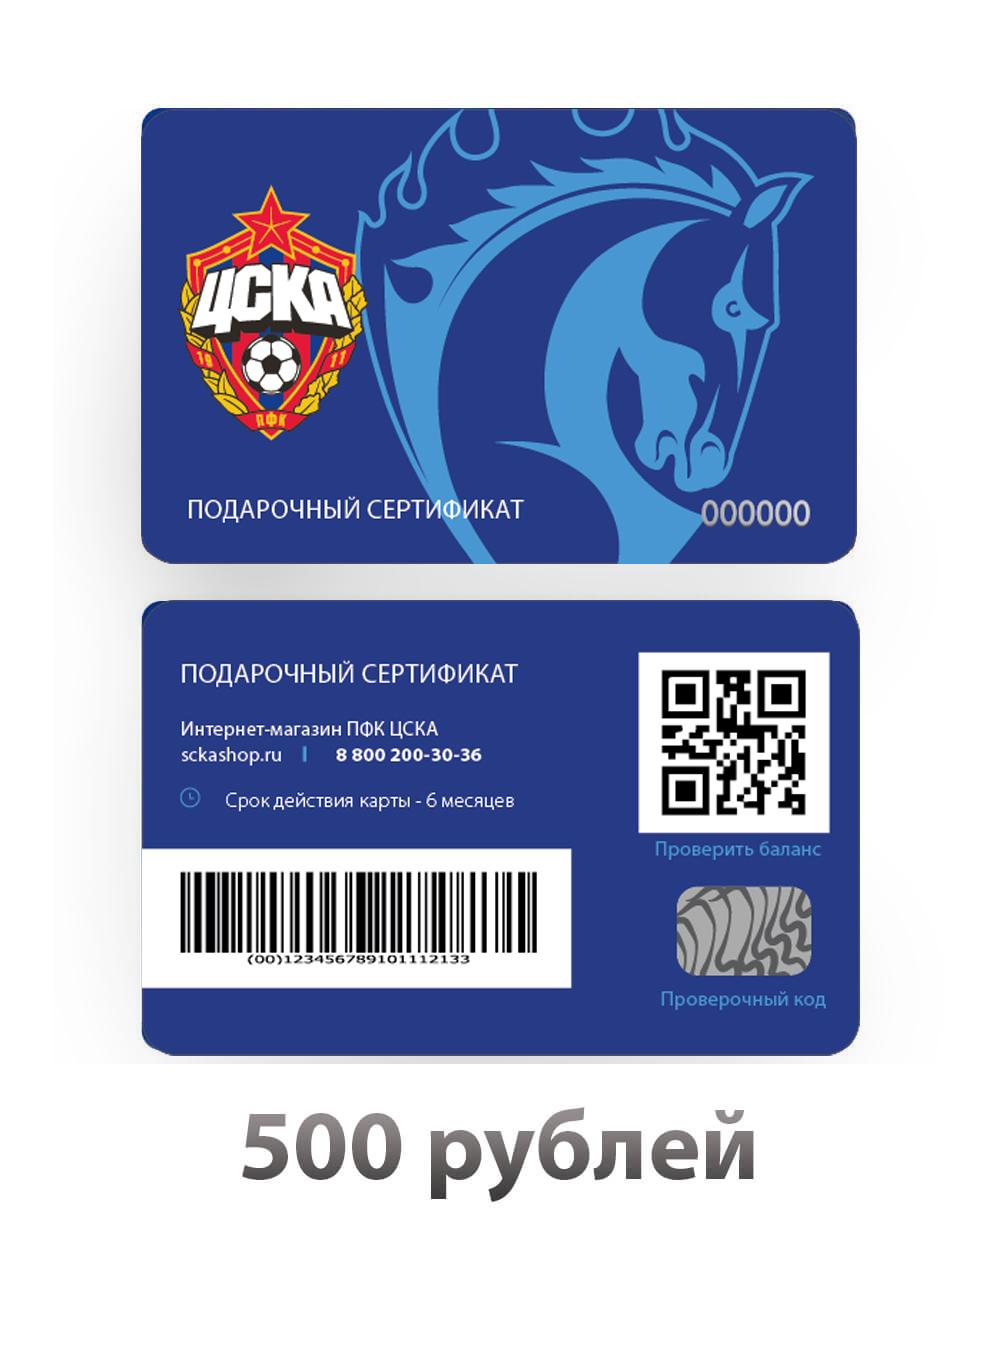 Купить Подарочный сертификат на 500 рублей (Подарочная карта на 500 рублей) по Нижнему Новгороду